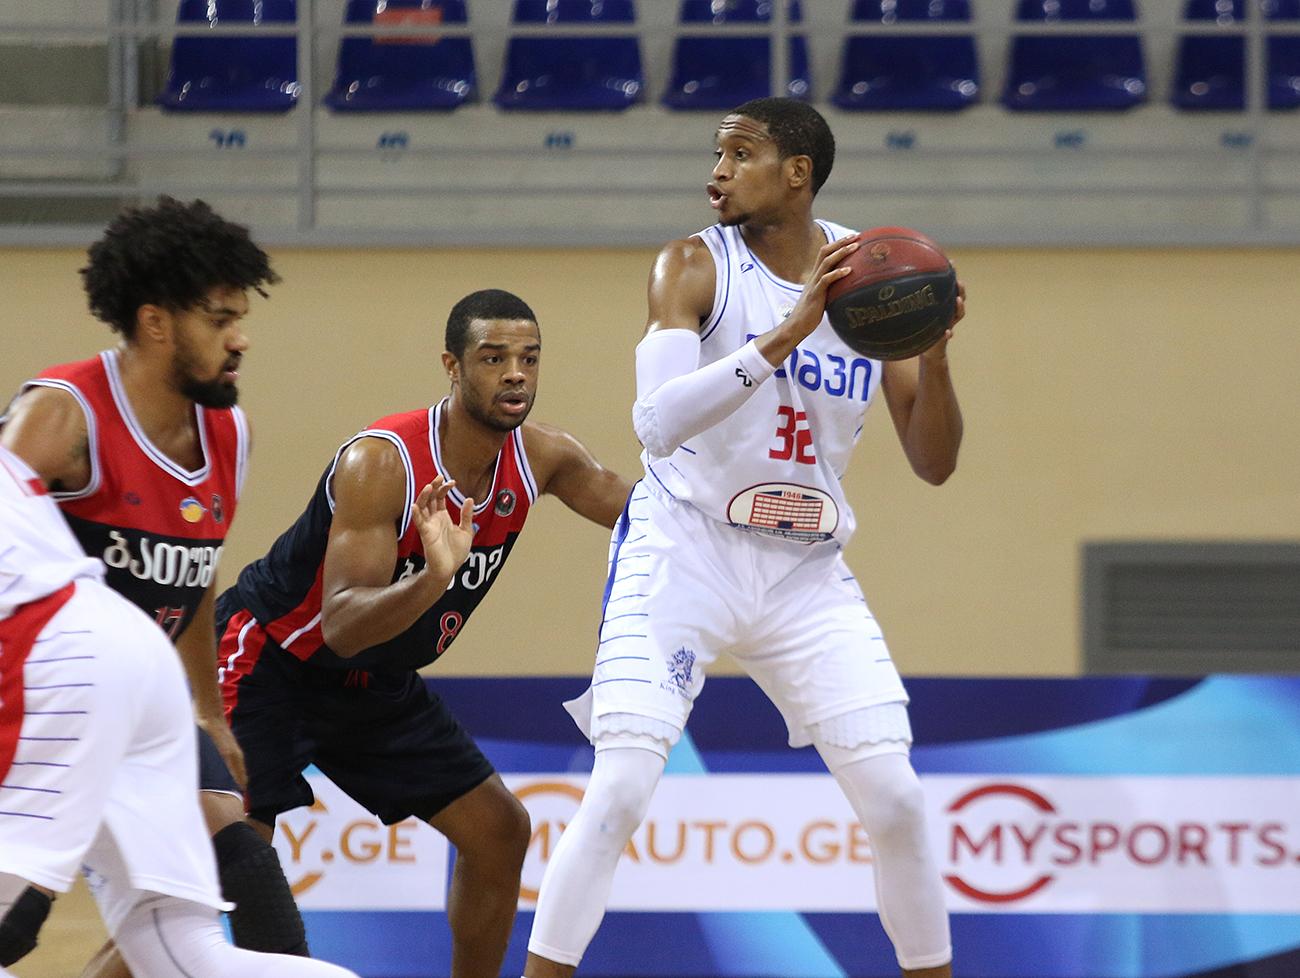 Olimpi defeated Batumi in the last period